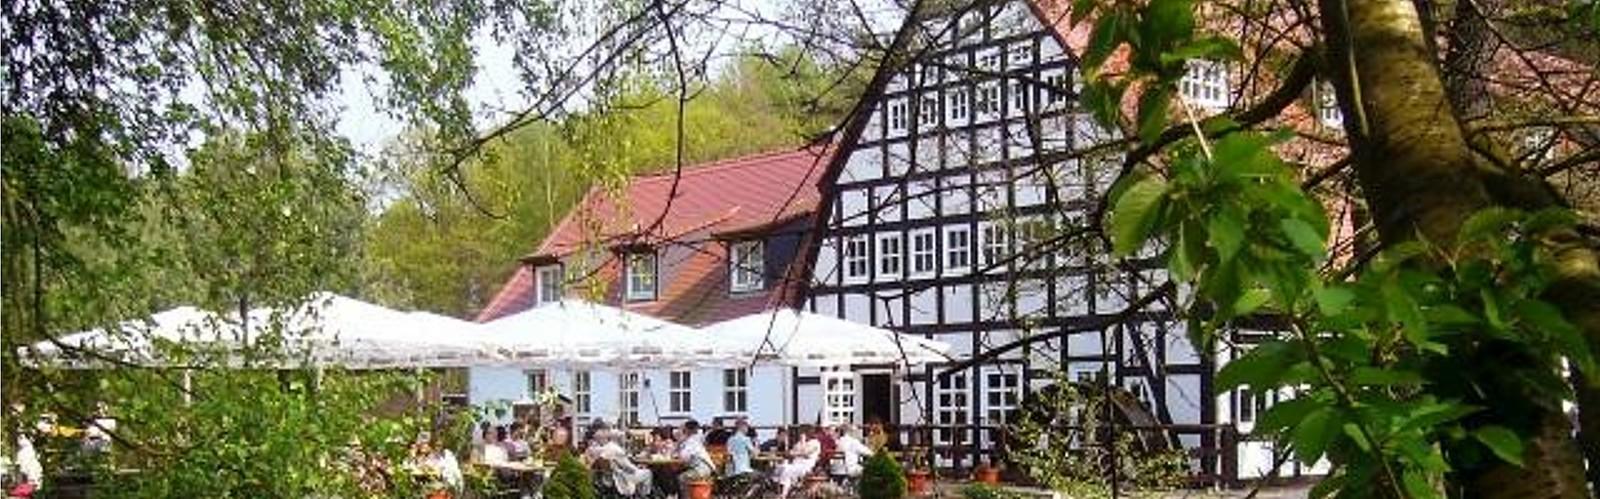 Springbach-Mühle, photo: Springbach-Mühle